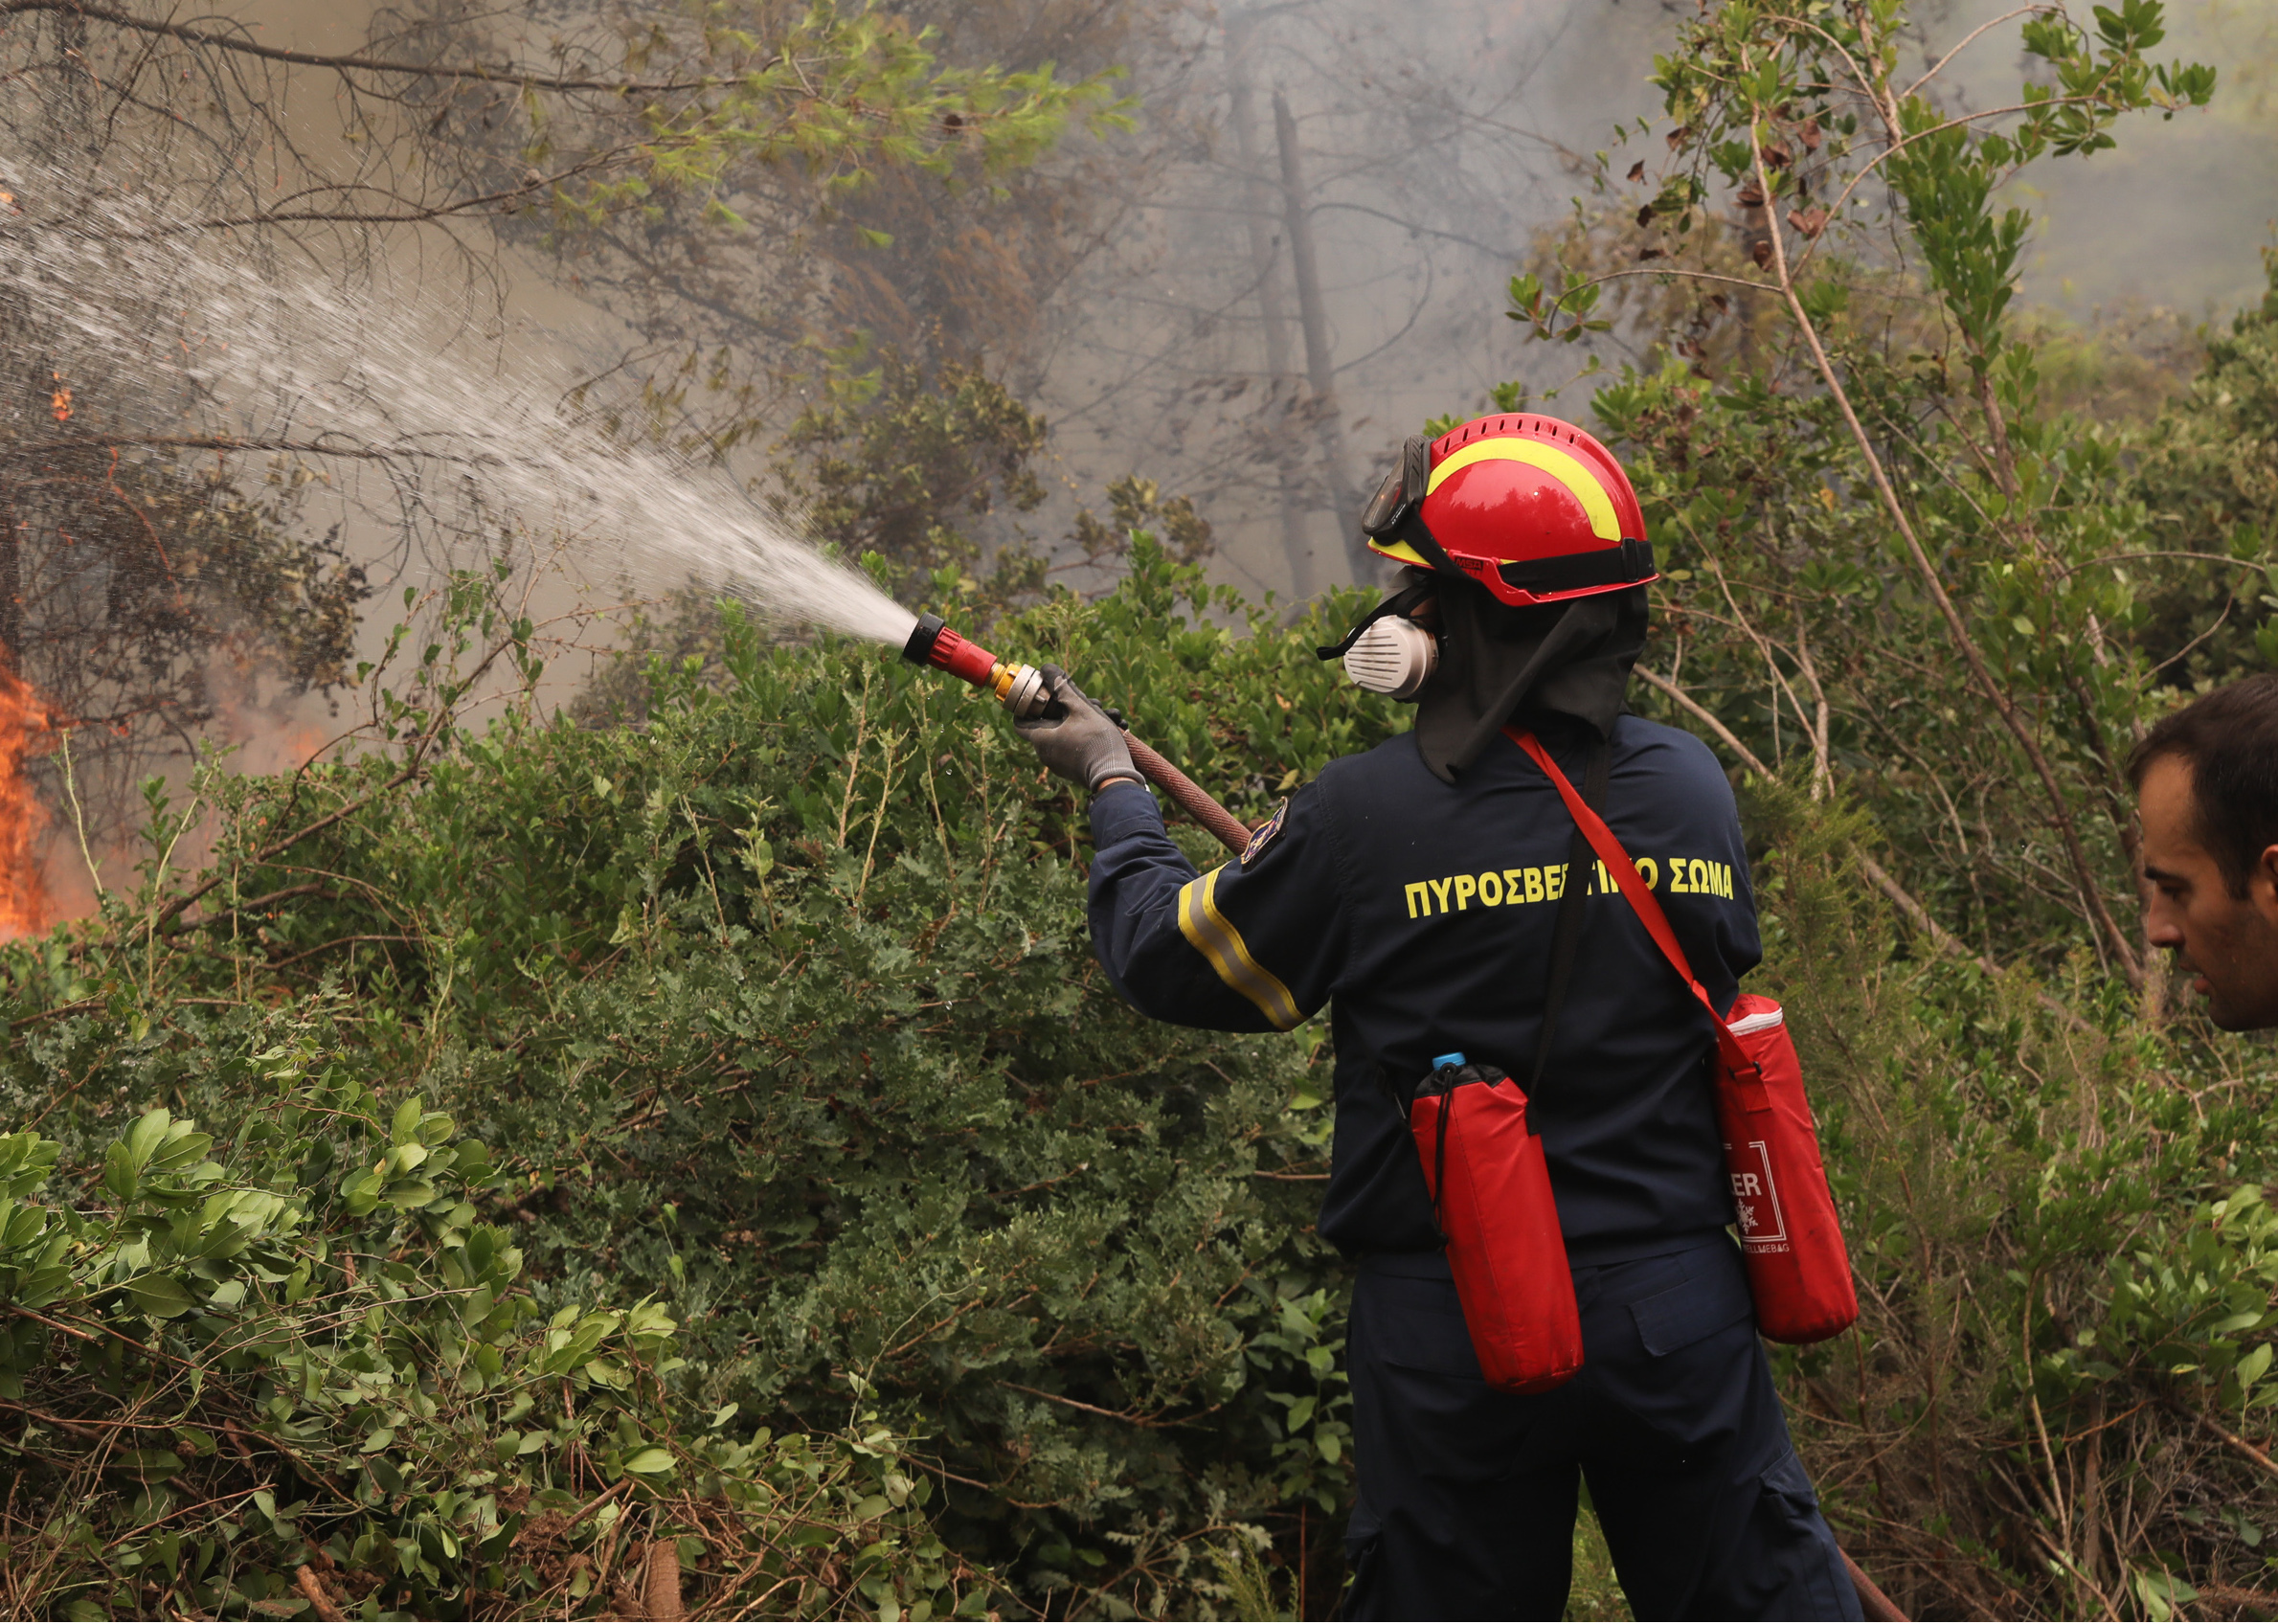 Φωτιά στην Αρκαδία: Στο νοσοκομείο πυροσβέστης με εγκαύματα – Άλλοι δύο παρουσίασαν αναπνευστικά προβλήματα